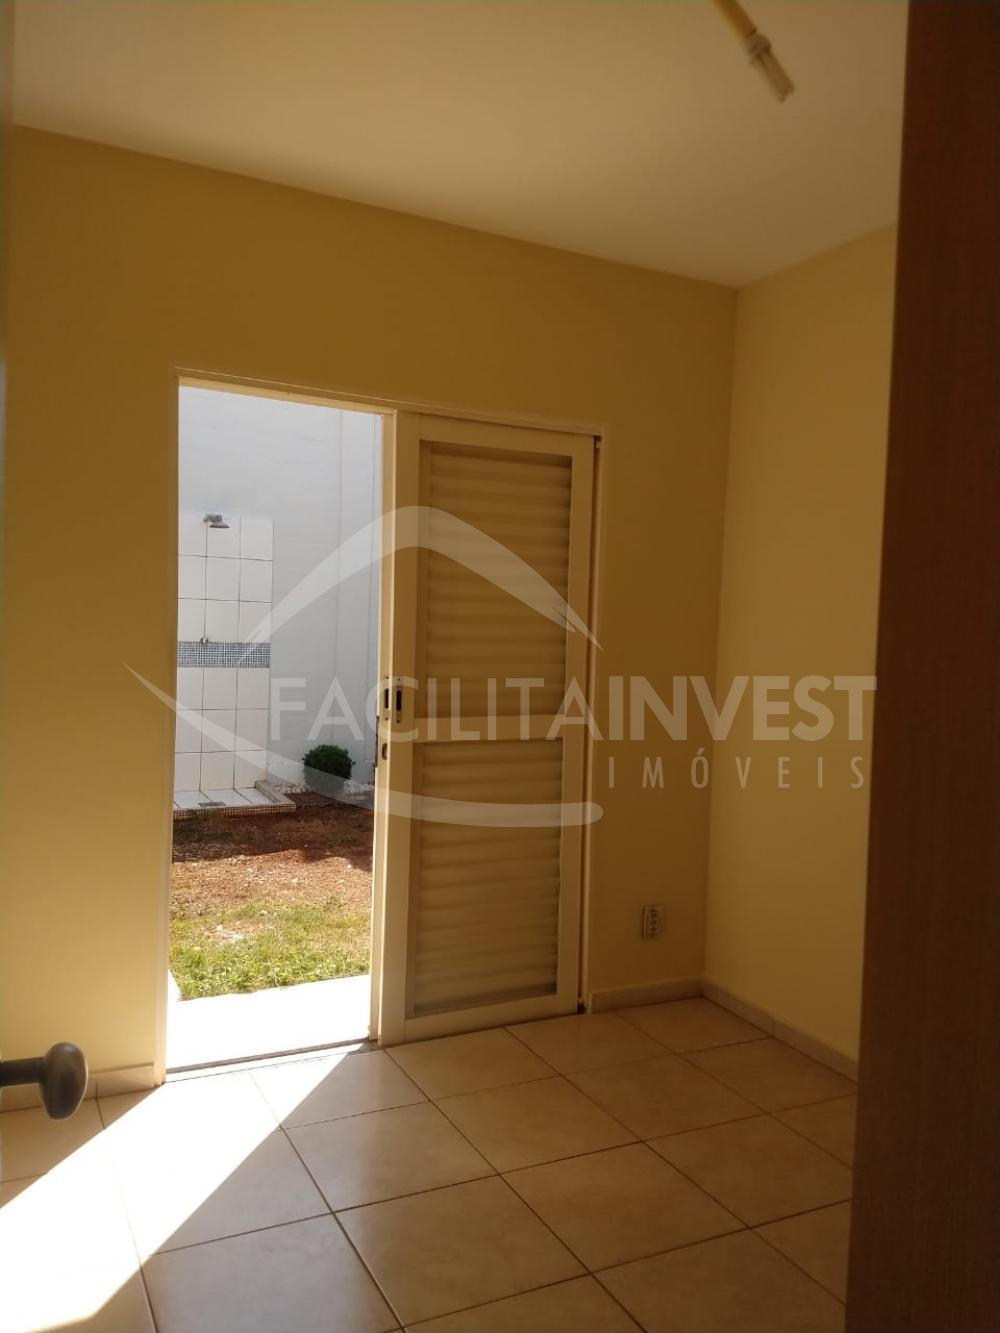 Comprar Casa Condomínio / Casa Condomínio em Ribeirão Preto apenas R$ 460.000,00 - Foto 21